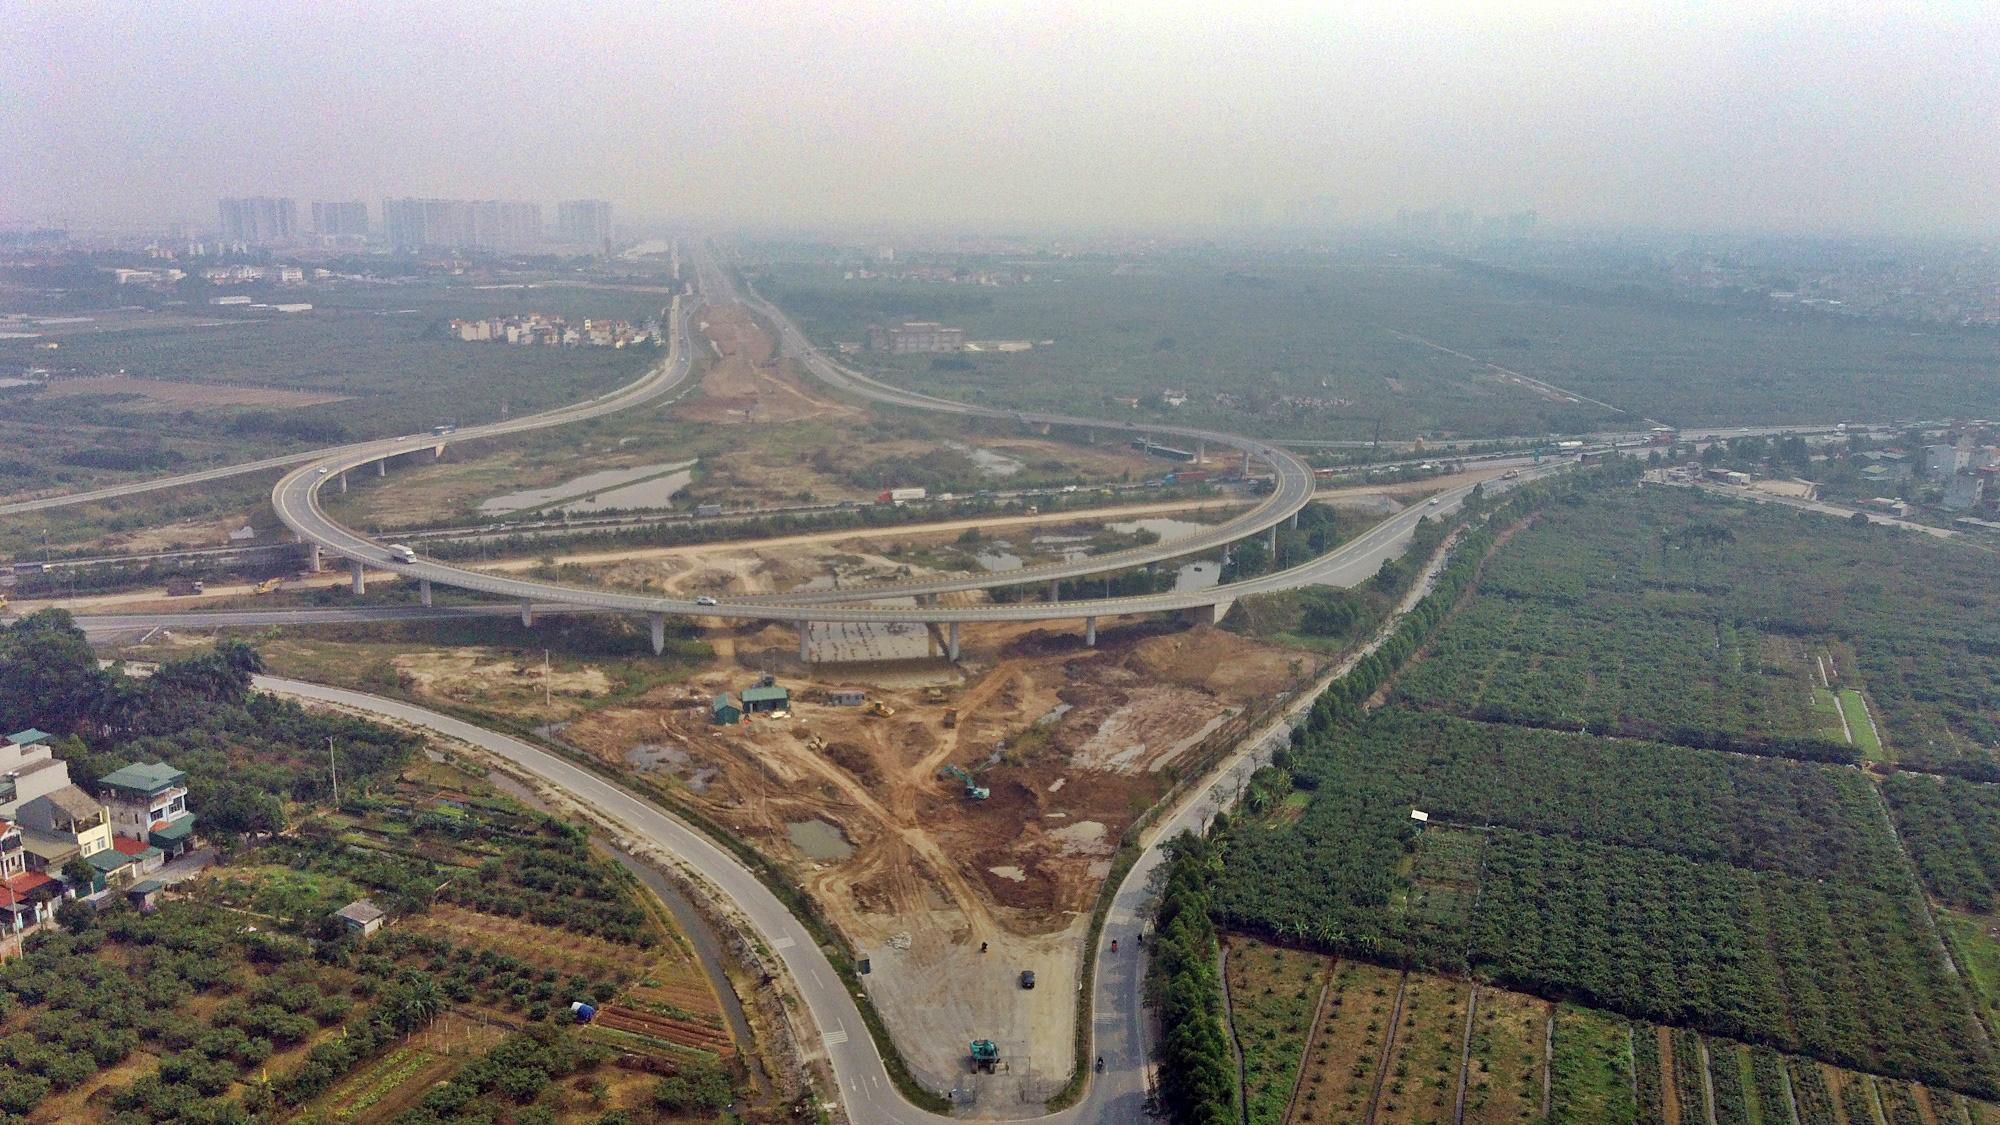 Chuẩn bị lên quận, hạ tầng giao thông huyện Gia Lâm đang thay đổi 'chóng mặt' - Ảnh 1.